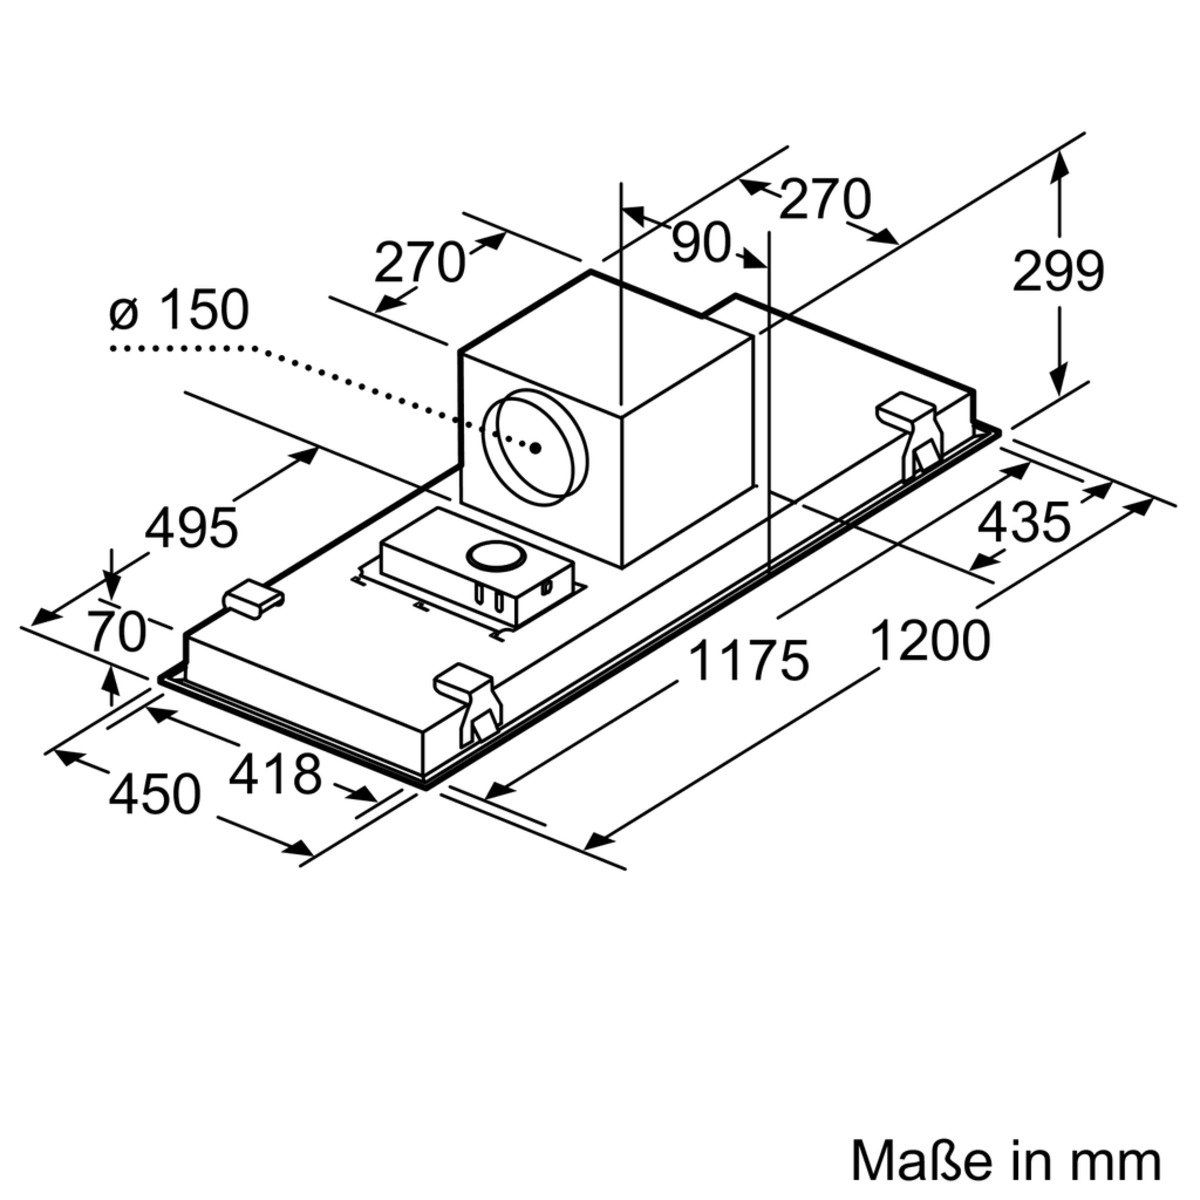 120cm // Deckenl/üfter Neff ICM9267N I92CM67N0 Wahlweise Abluft Edelstahl oder Umluftbetrieb